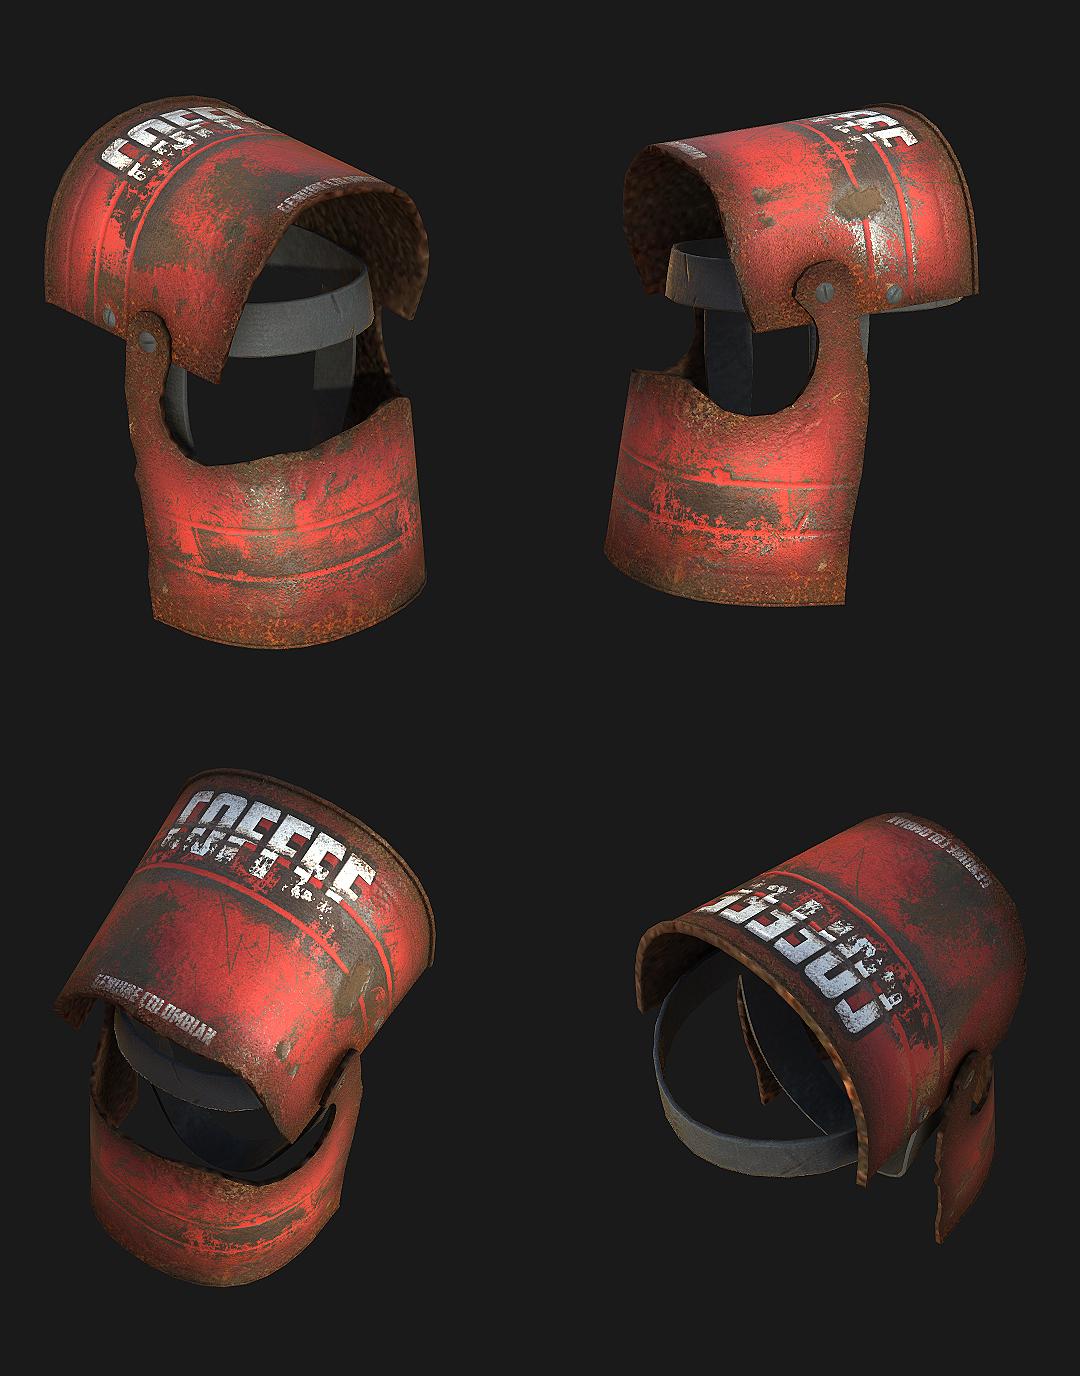 Шлемы, каски, головные уборы 2